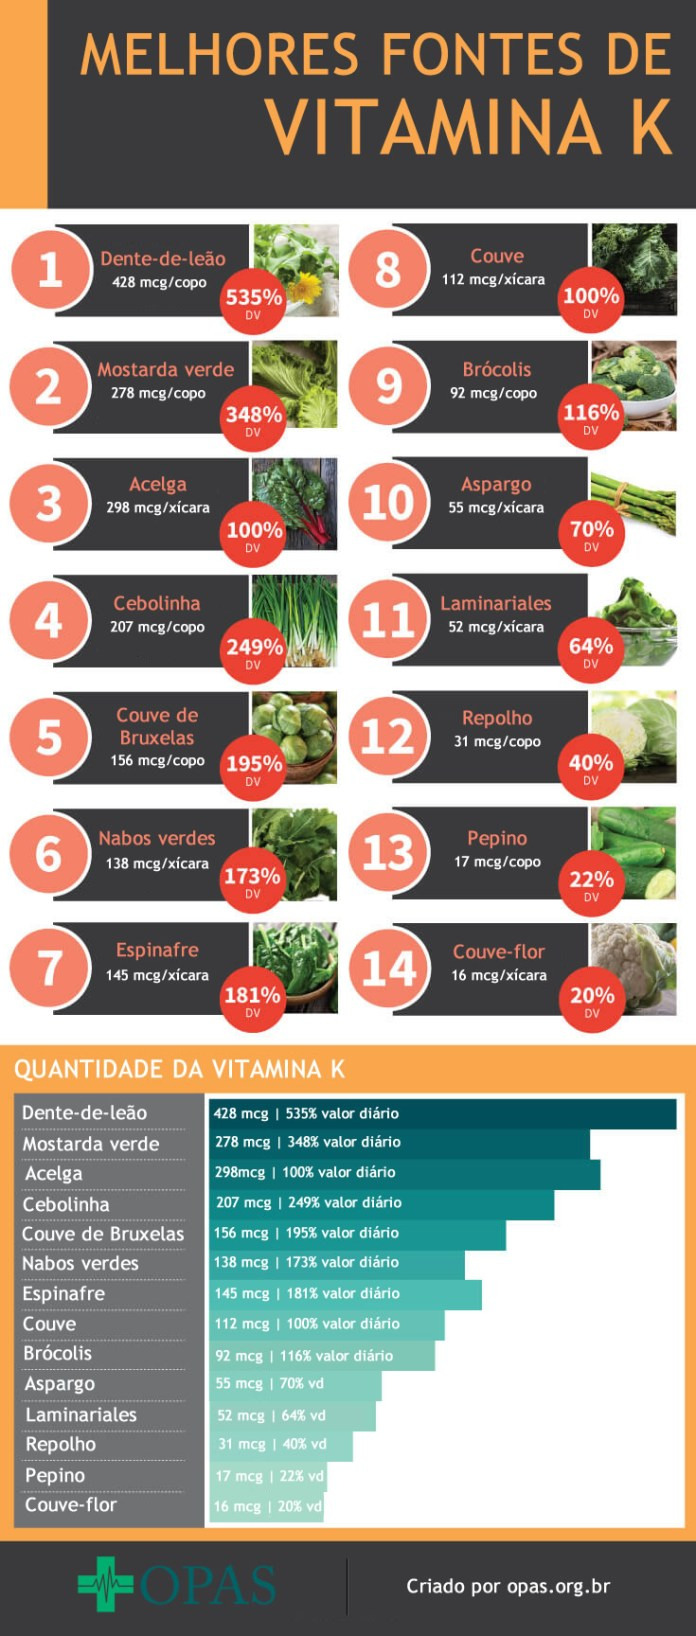 Fontes de Vitamina K